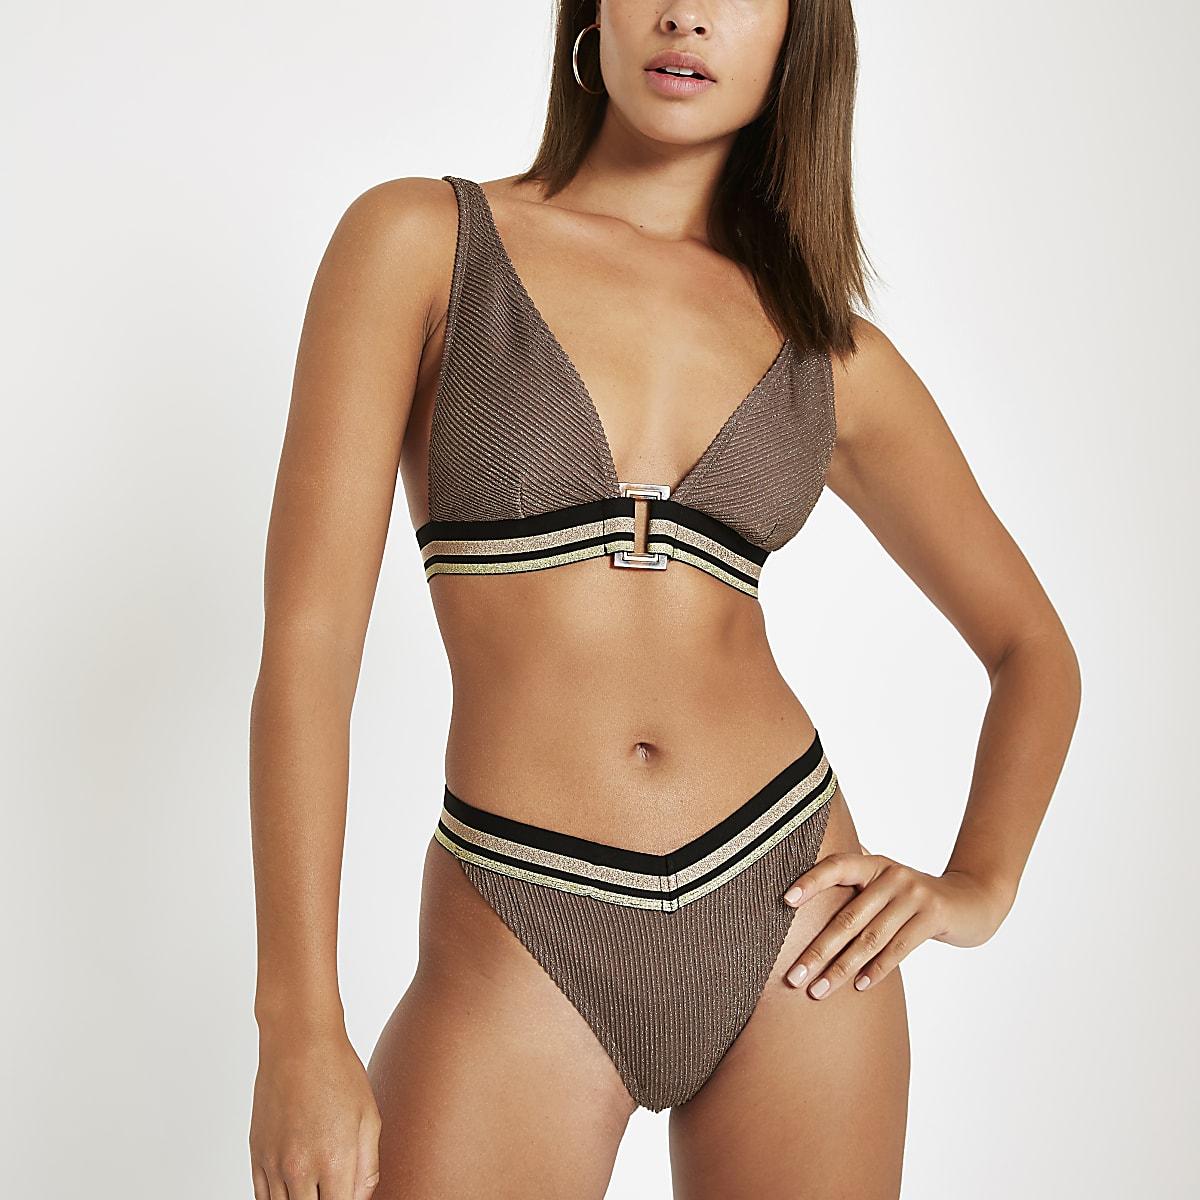 Brown metallic elastic bikini bottoms